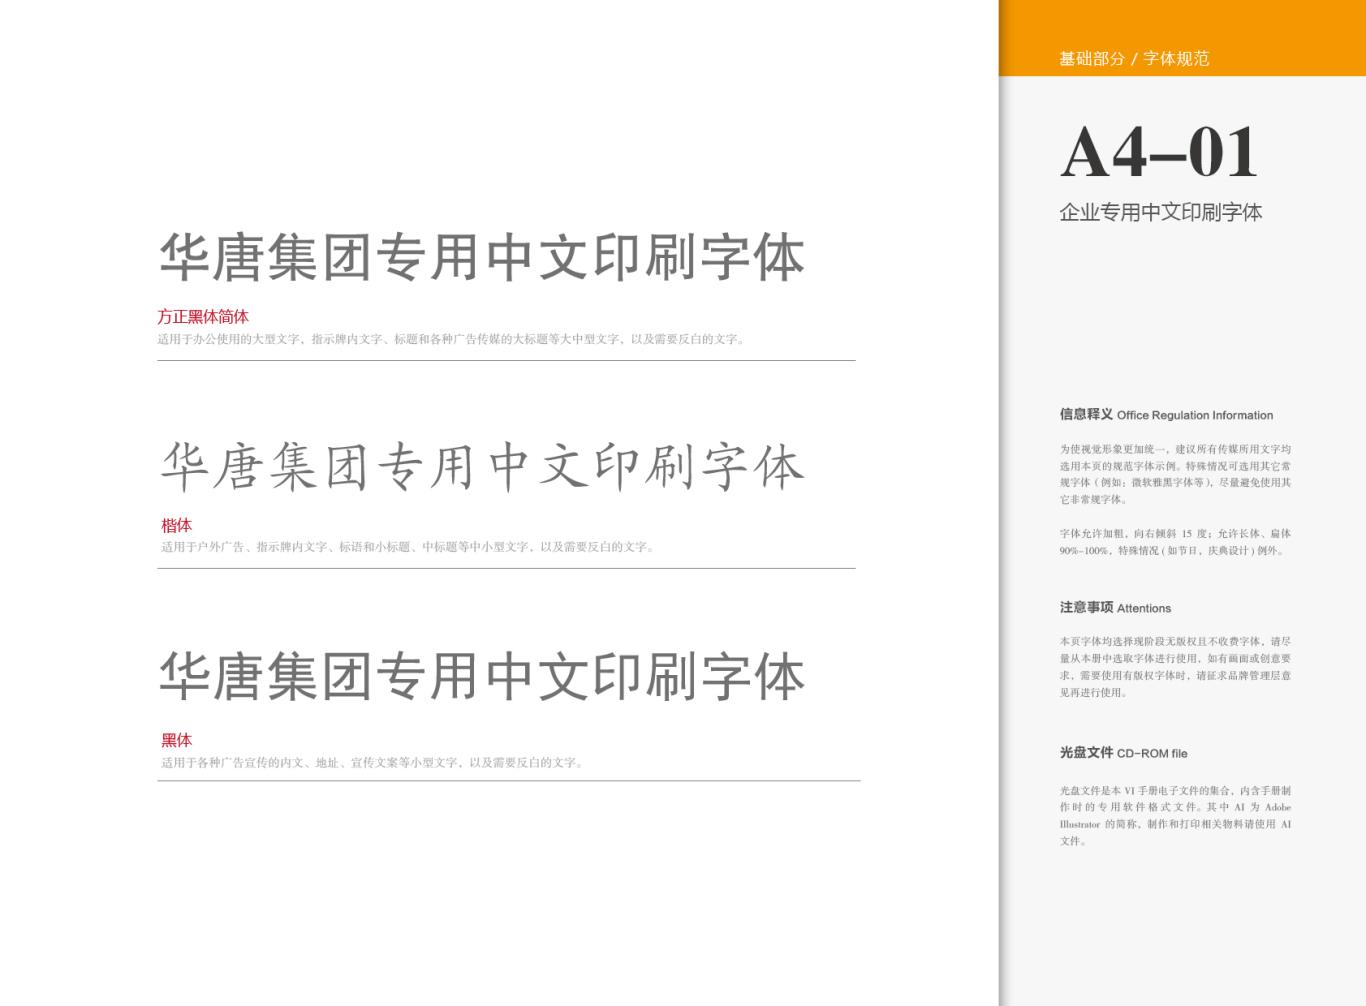 华唐教育集团 VI图20